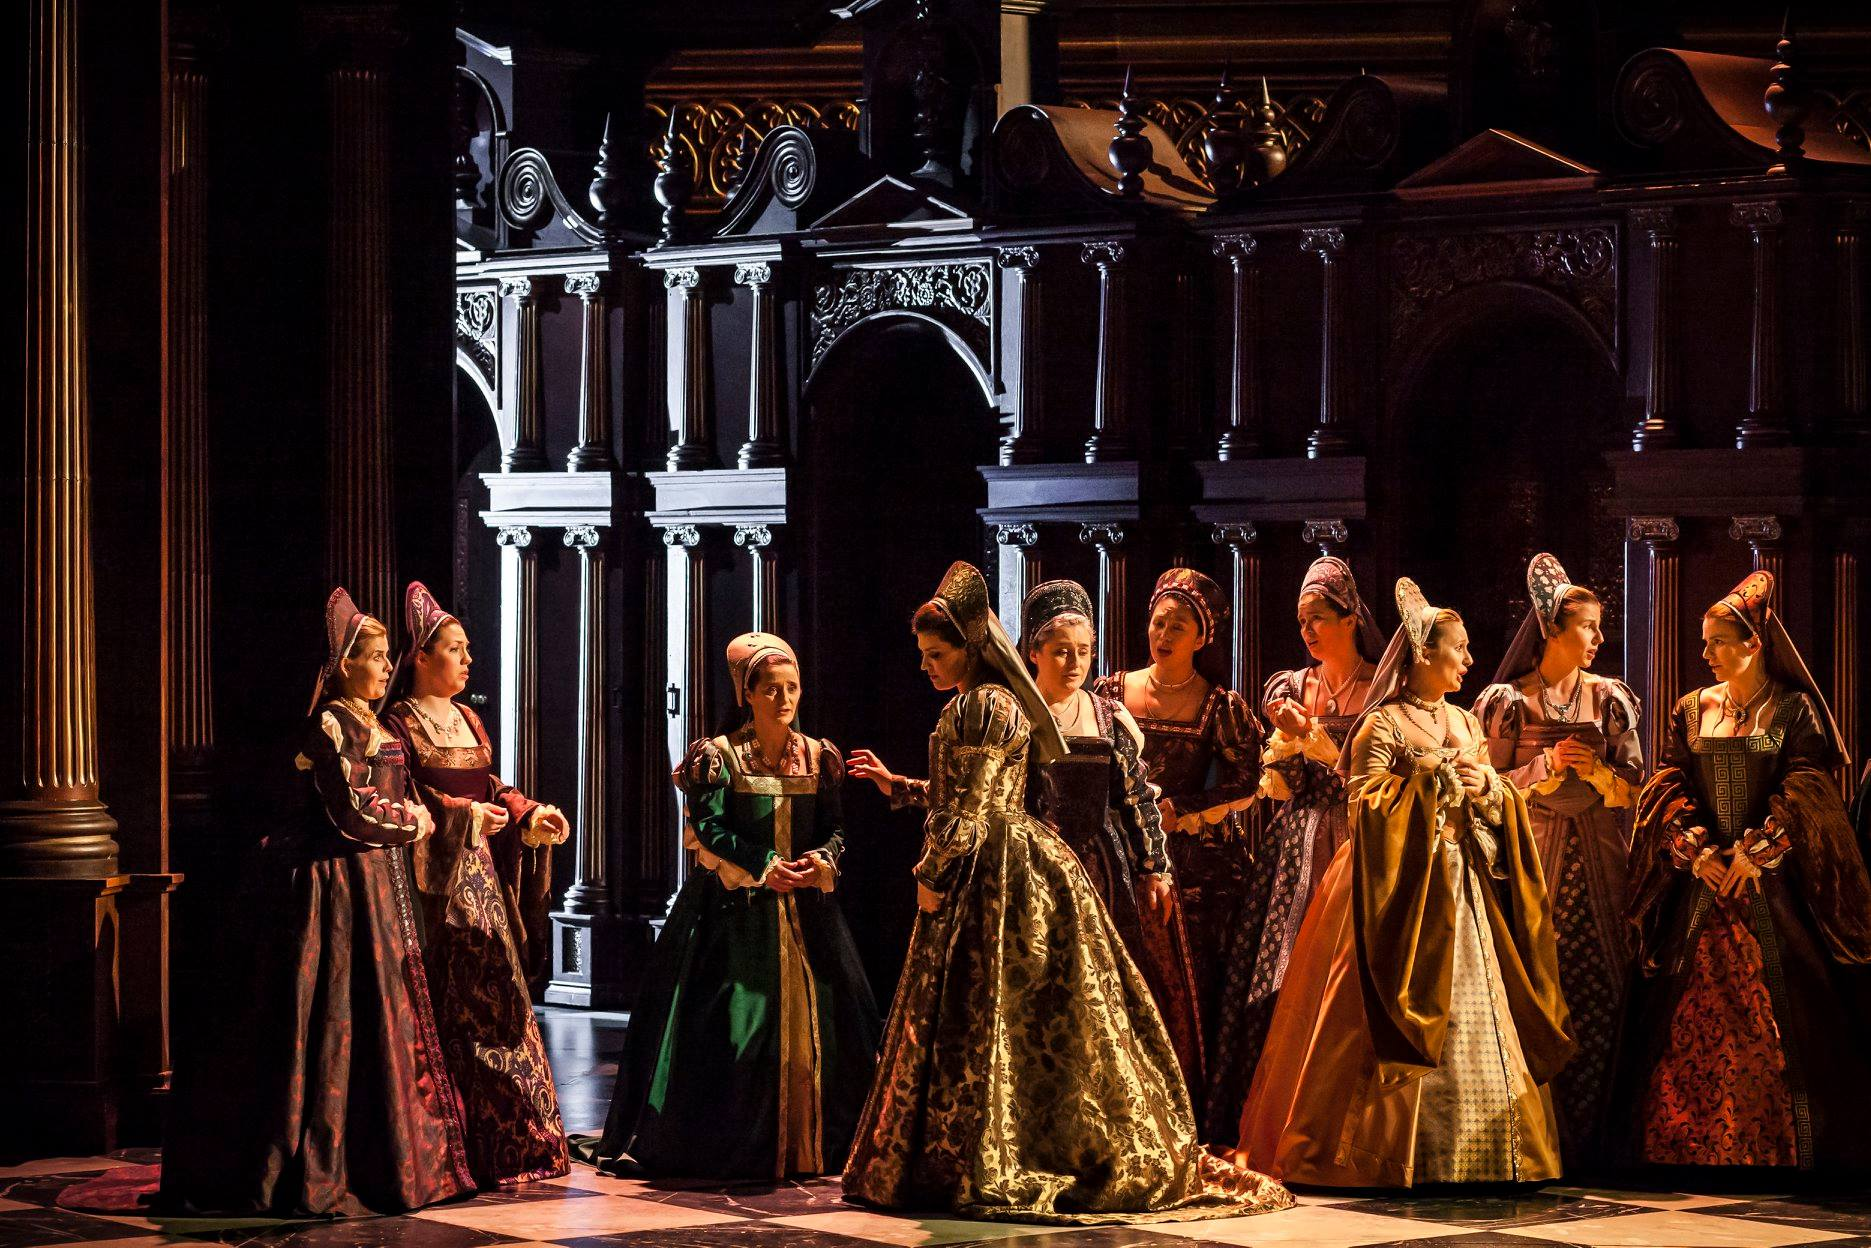 Un timbre de velours, des aigus irréprochables, une virtuosité ductile, un phrasé expressif, de même qu'une présence émouvante et envoûtante…a déployé, pour le plus grand plaisir du public de la première d'Anna Bolena dimanche à l'Opéra de Lausanne, les ailes d'un talent unique. -